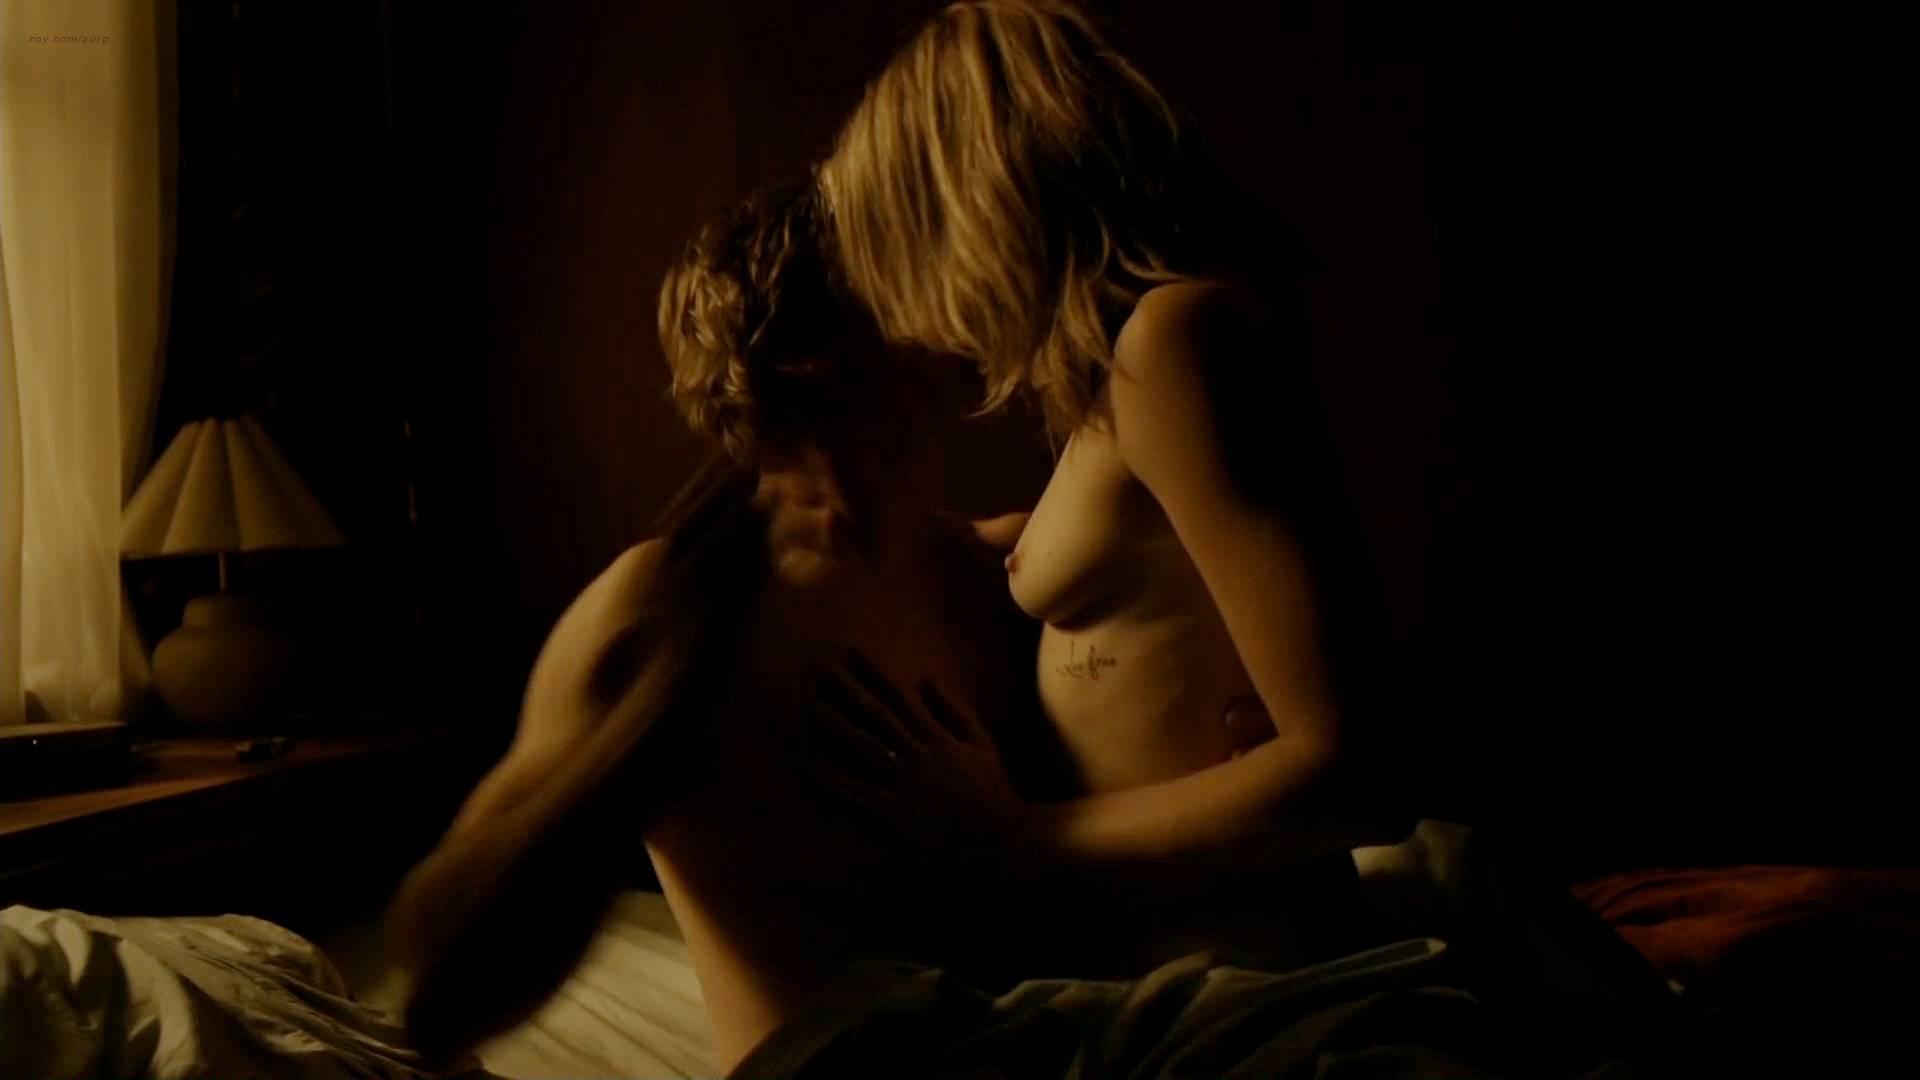 Ana De La Reguera Nude adria arjona nude sex joanna christie nude and ana de la